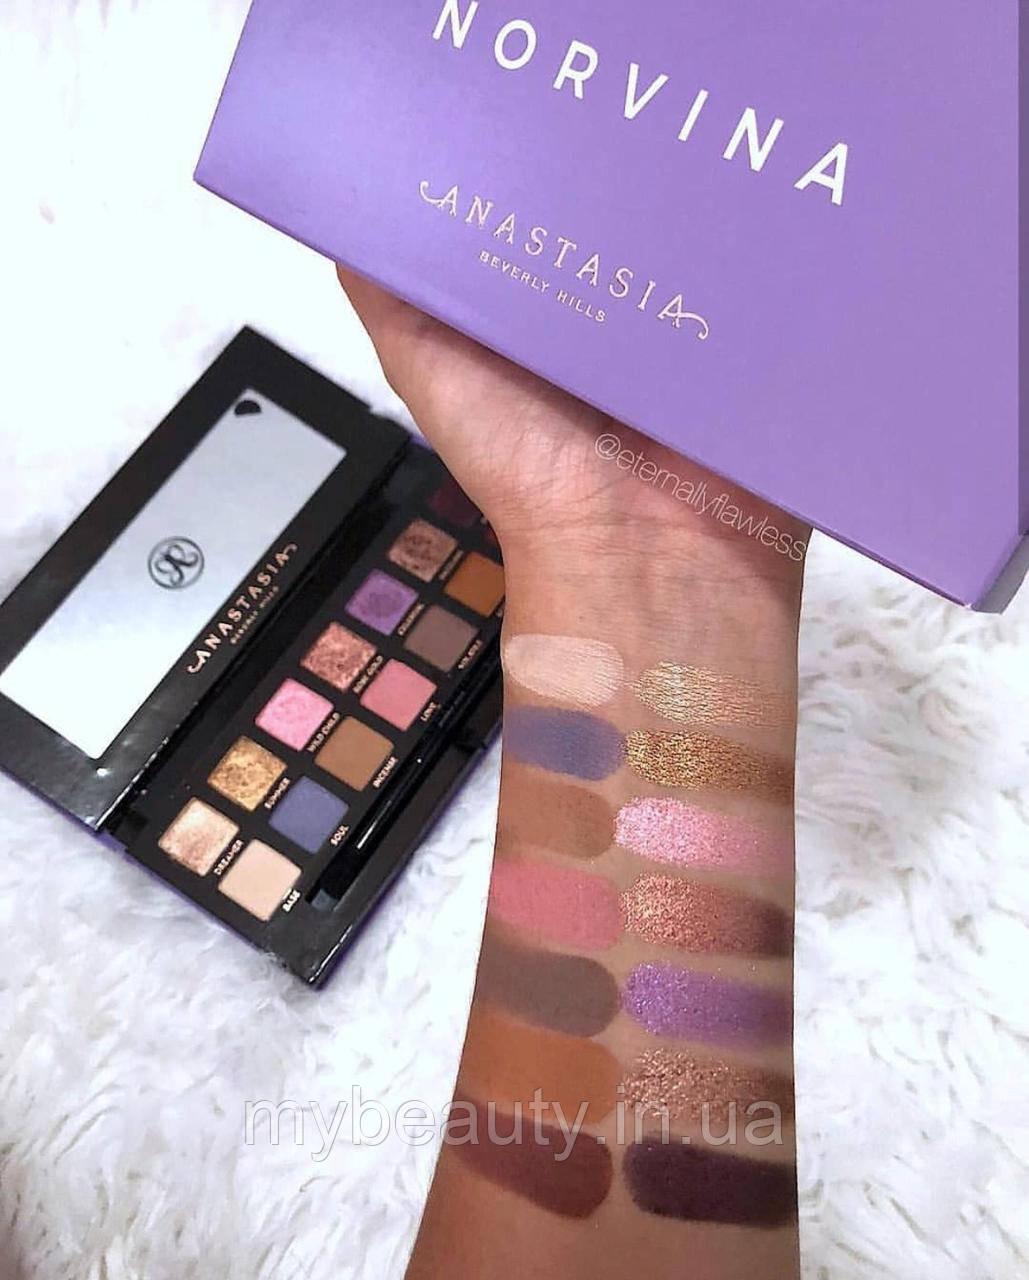 Тени для век Anastasia Beverly Hills Norvina Eye Shadow Palette (реплика)